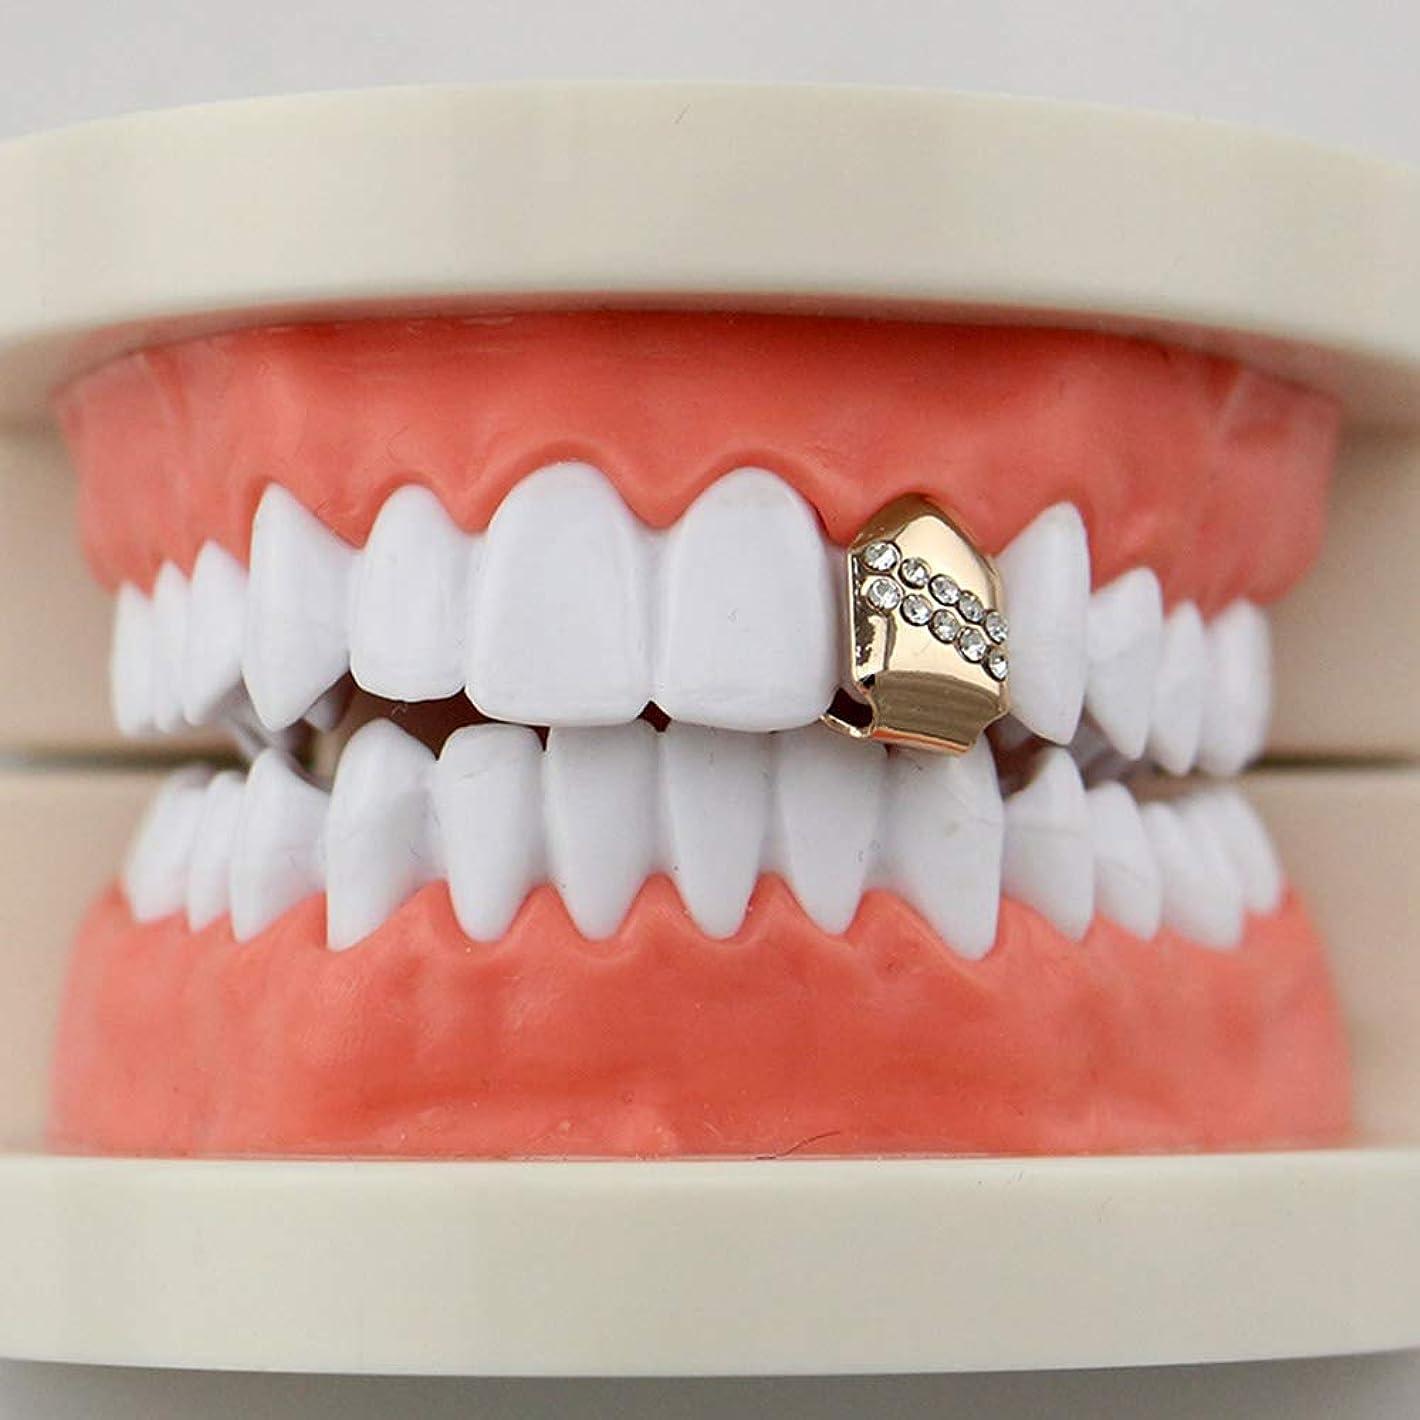 とんでもない正しく遺産ヒップホップシングルダイヤモンドゴールド歯科Grillz上下グリルゴールド歯ブラケットジュエリーパンクキャップコスプレパーティー歯ギフトジュエリー,rosegold